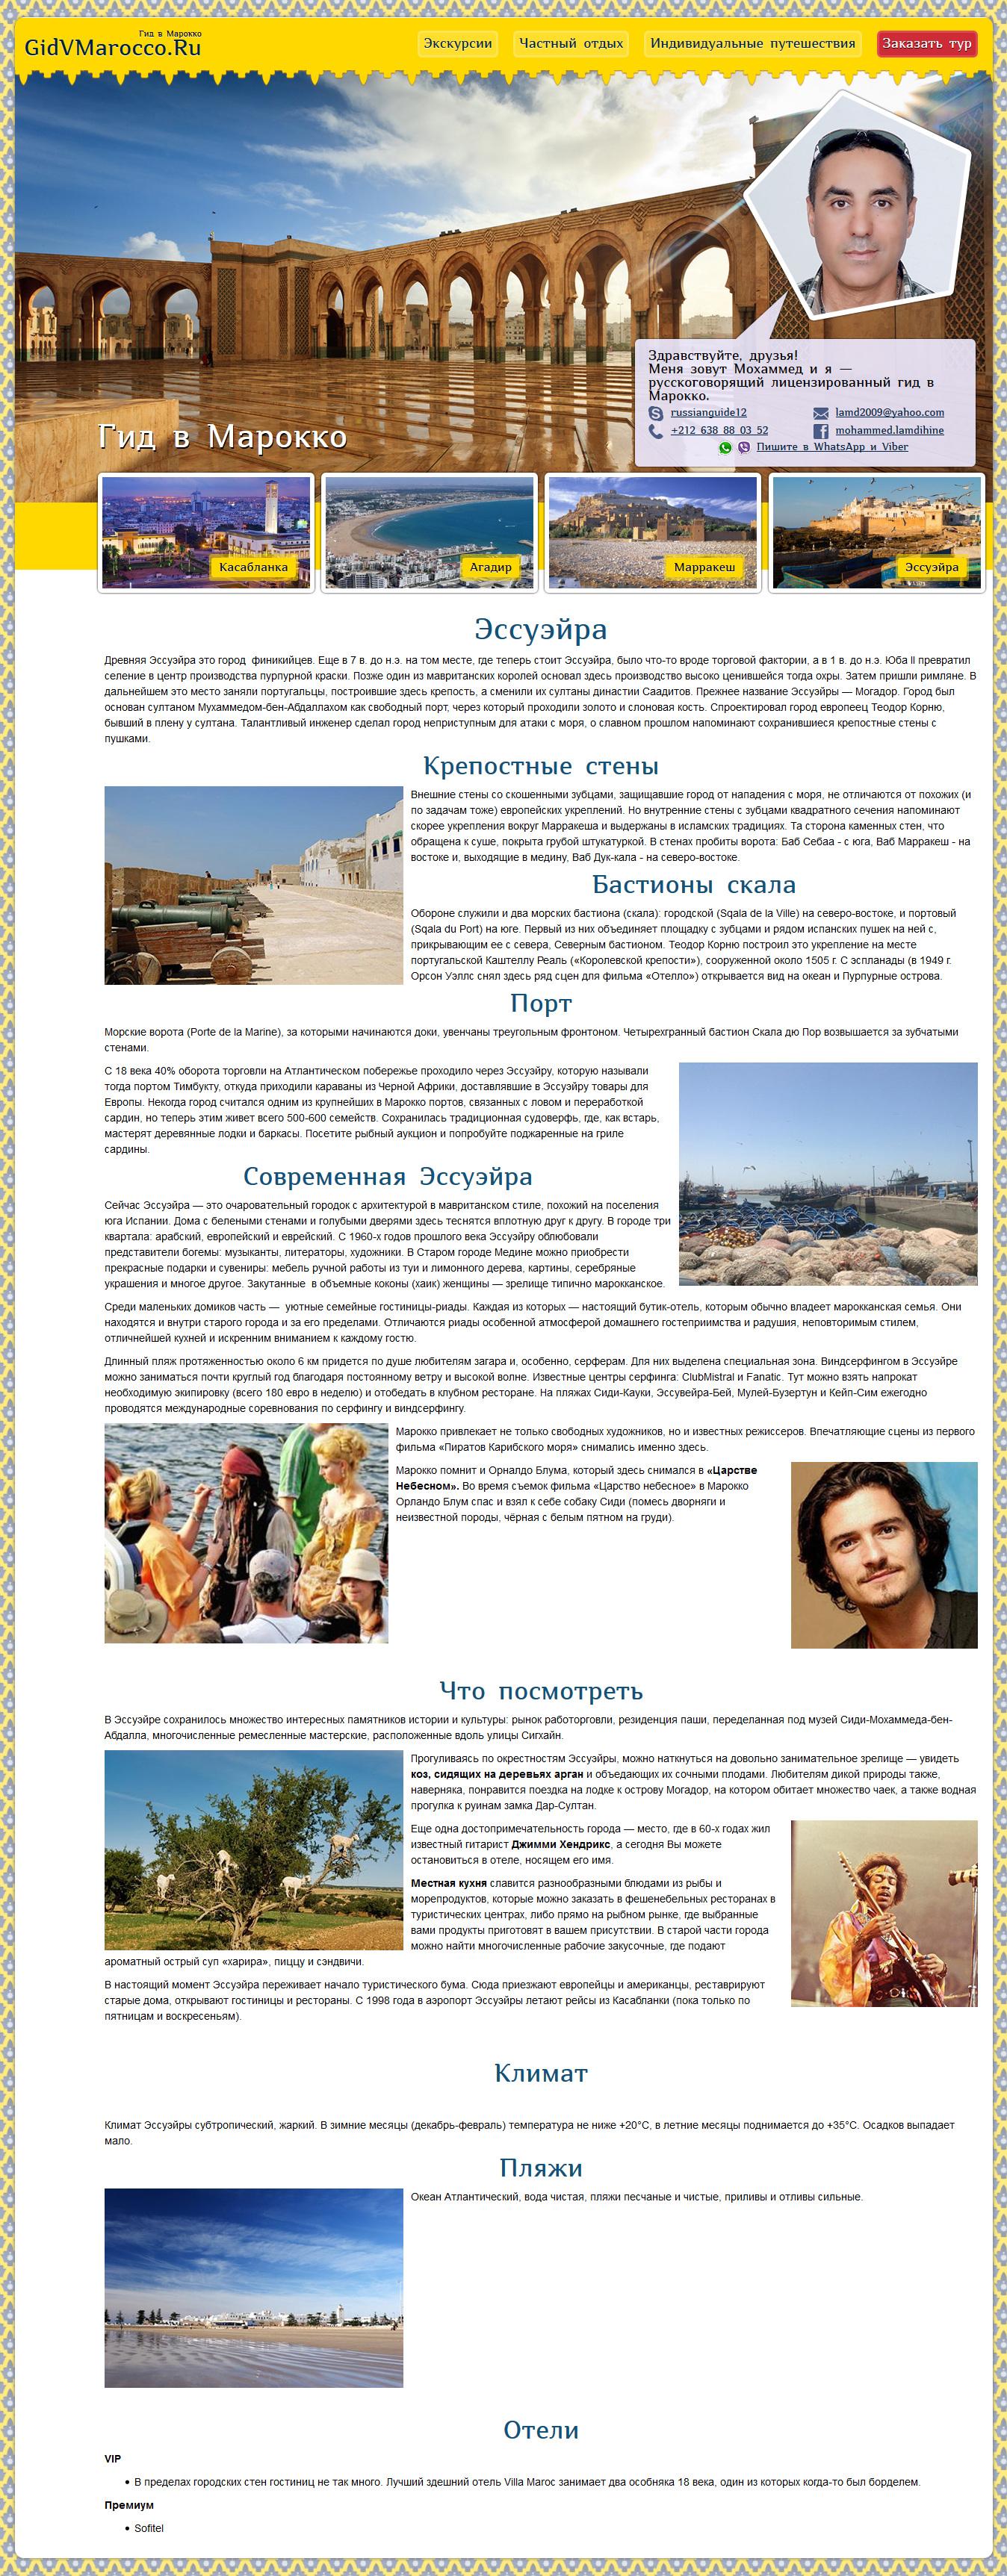 Создание сайта для гида в Марокко